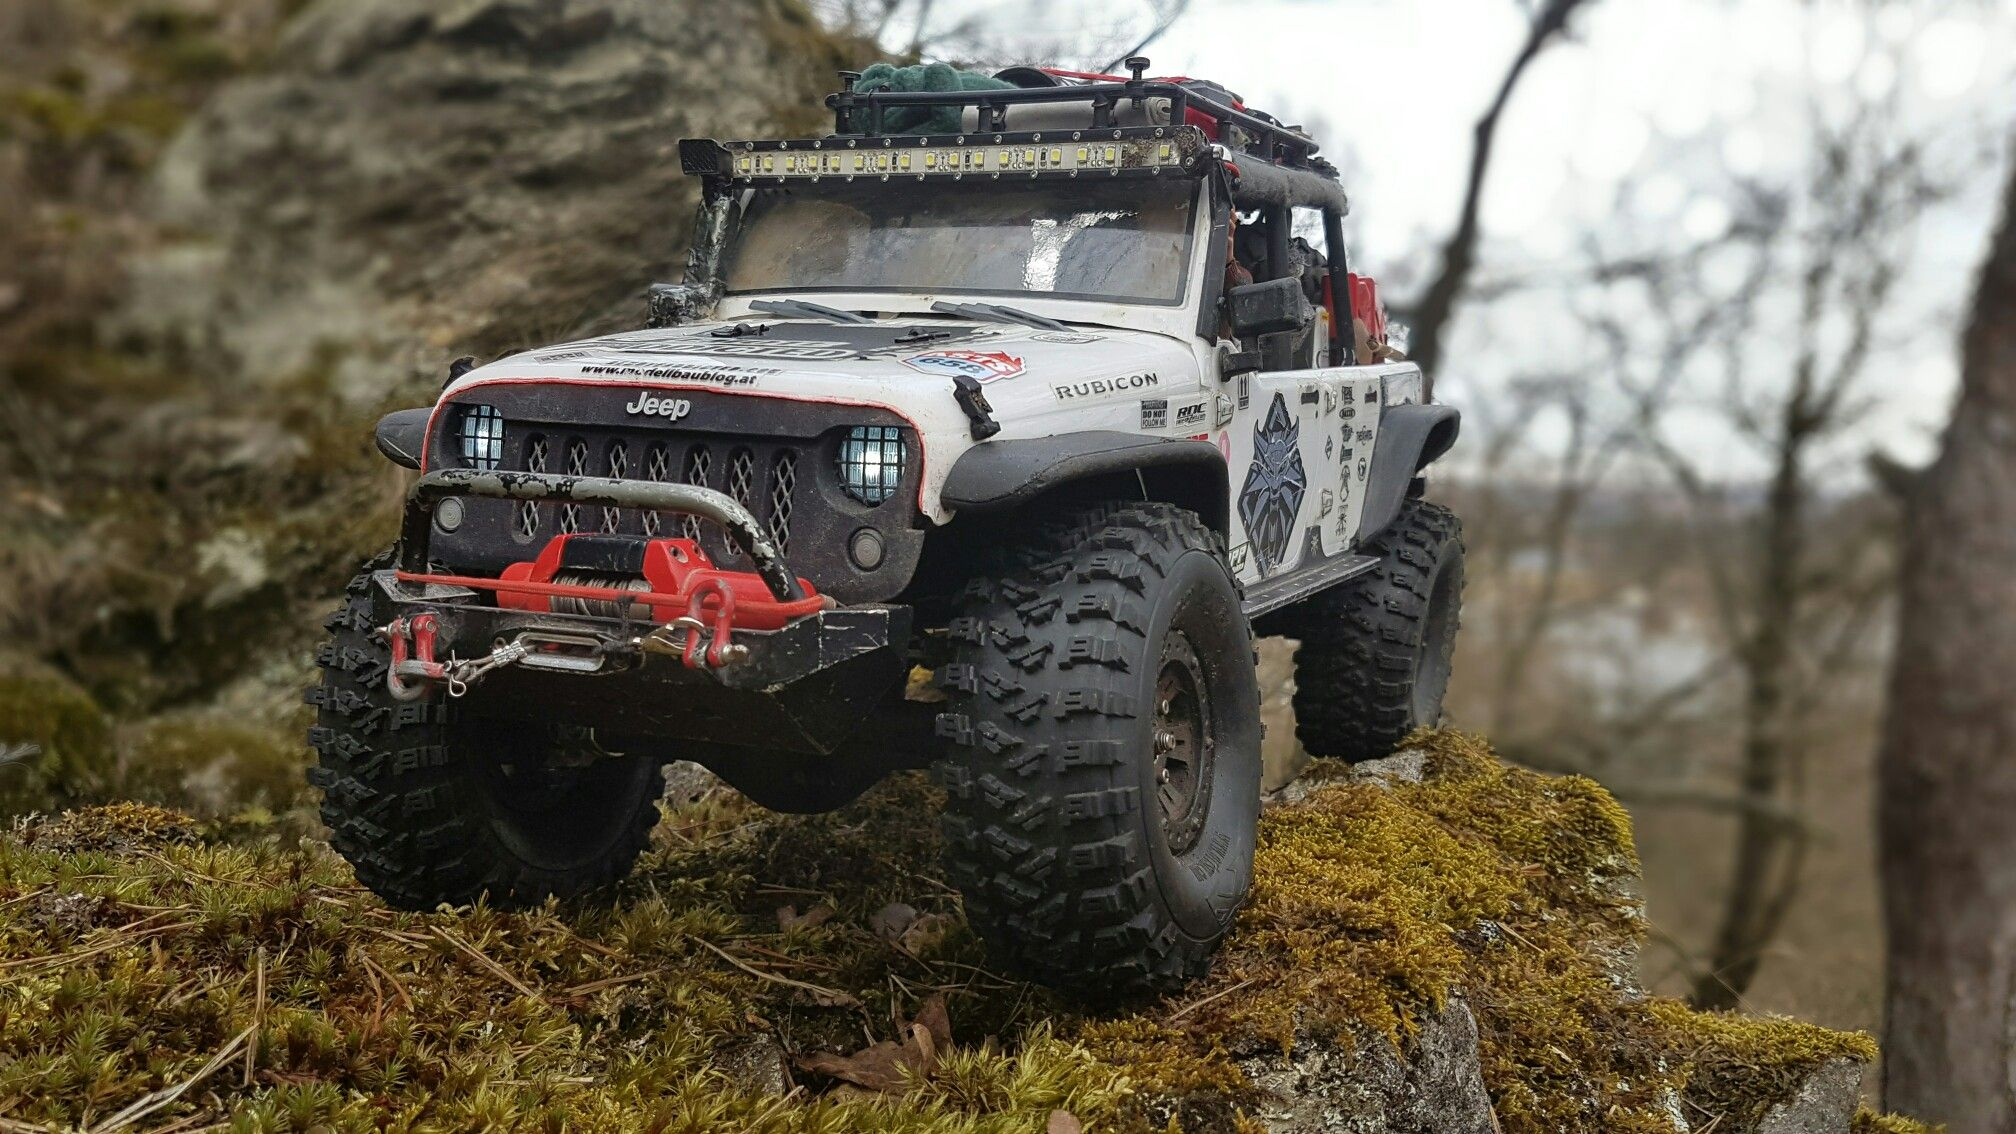 Axial Scx10 Jeep Wrangler Rc Rctruck Rctrial Axial